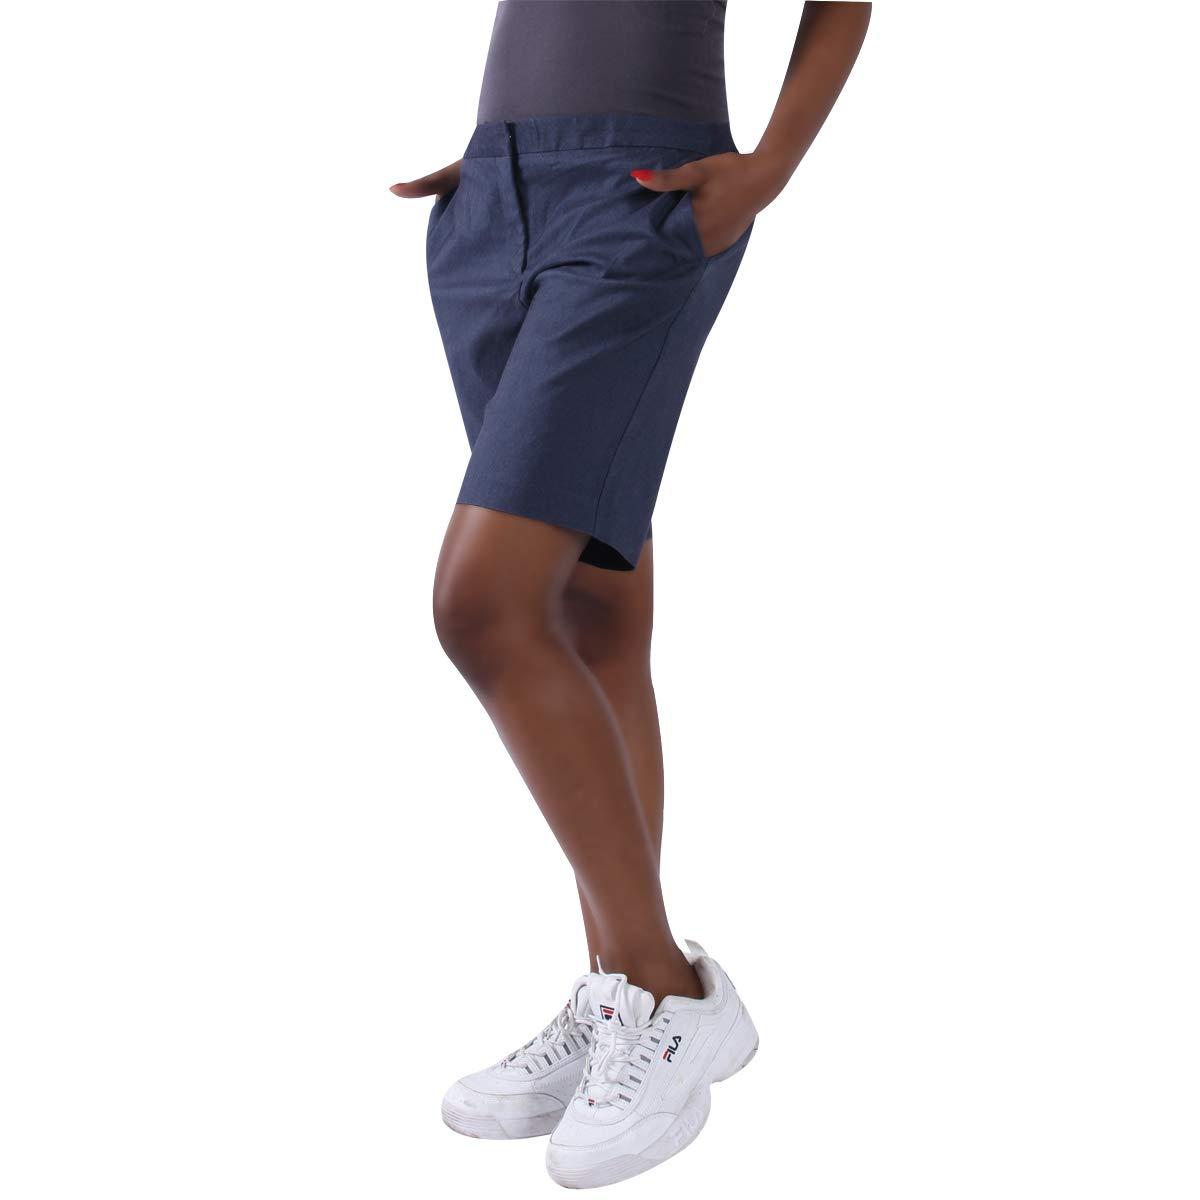 KELLY KLARK Women's 9'' Chino Shorts, Stretch Casual Elegant Golf Bermuda Shorts  by KELLY KLARK